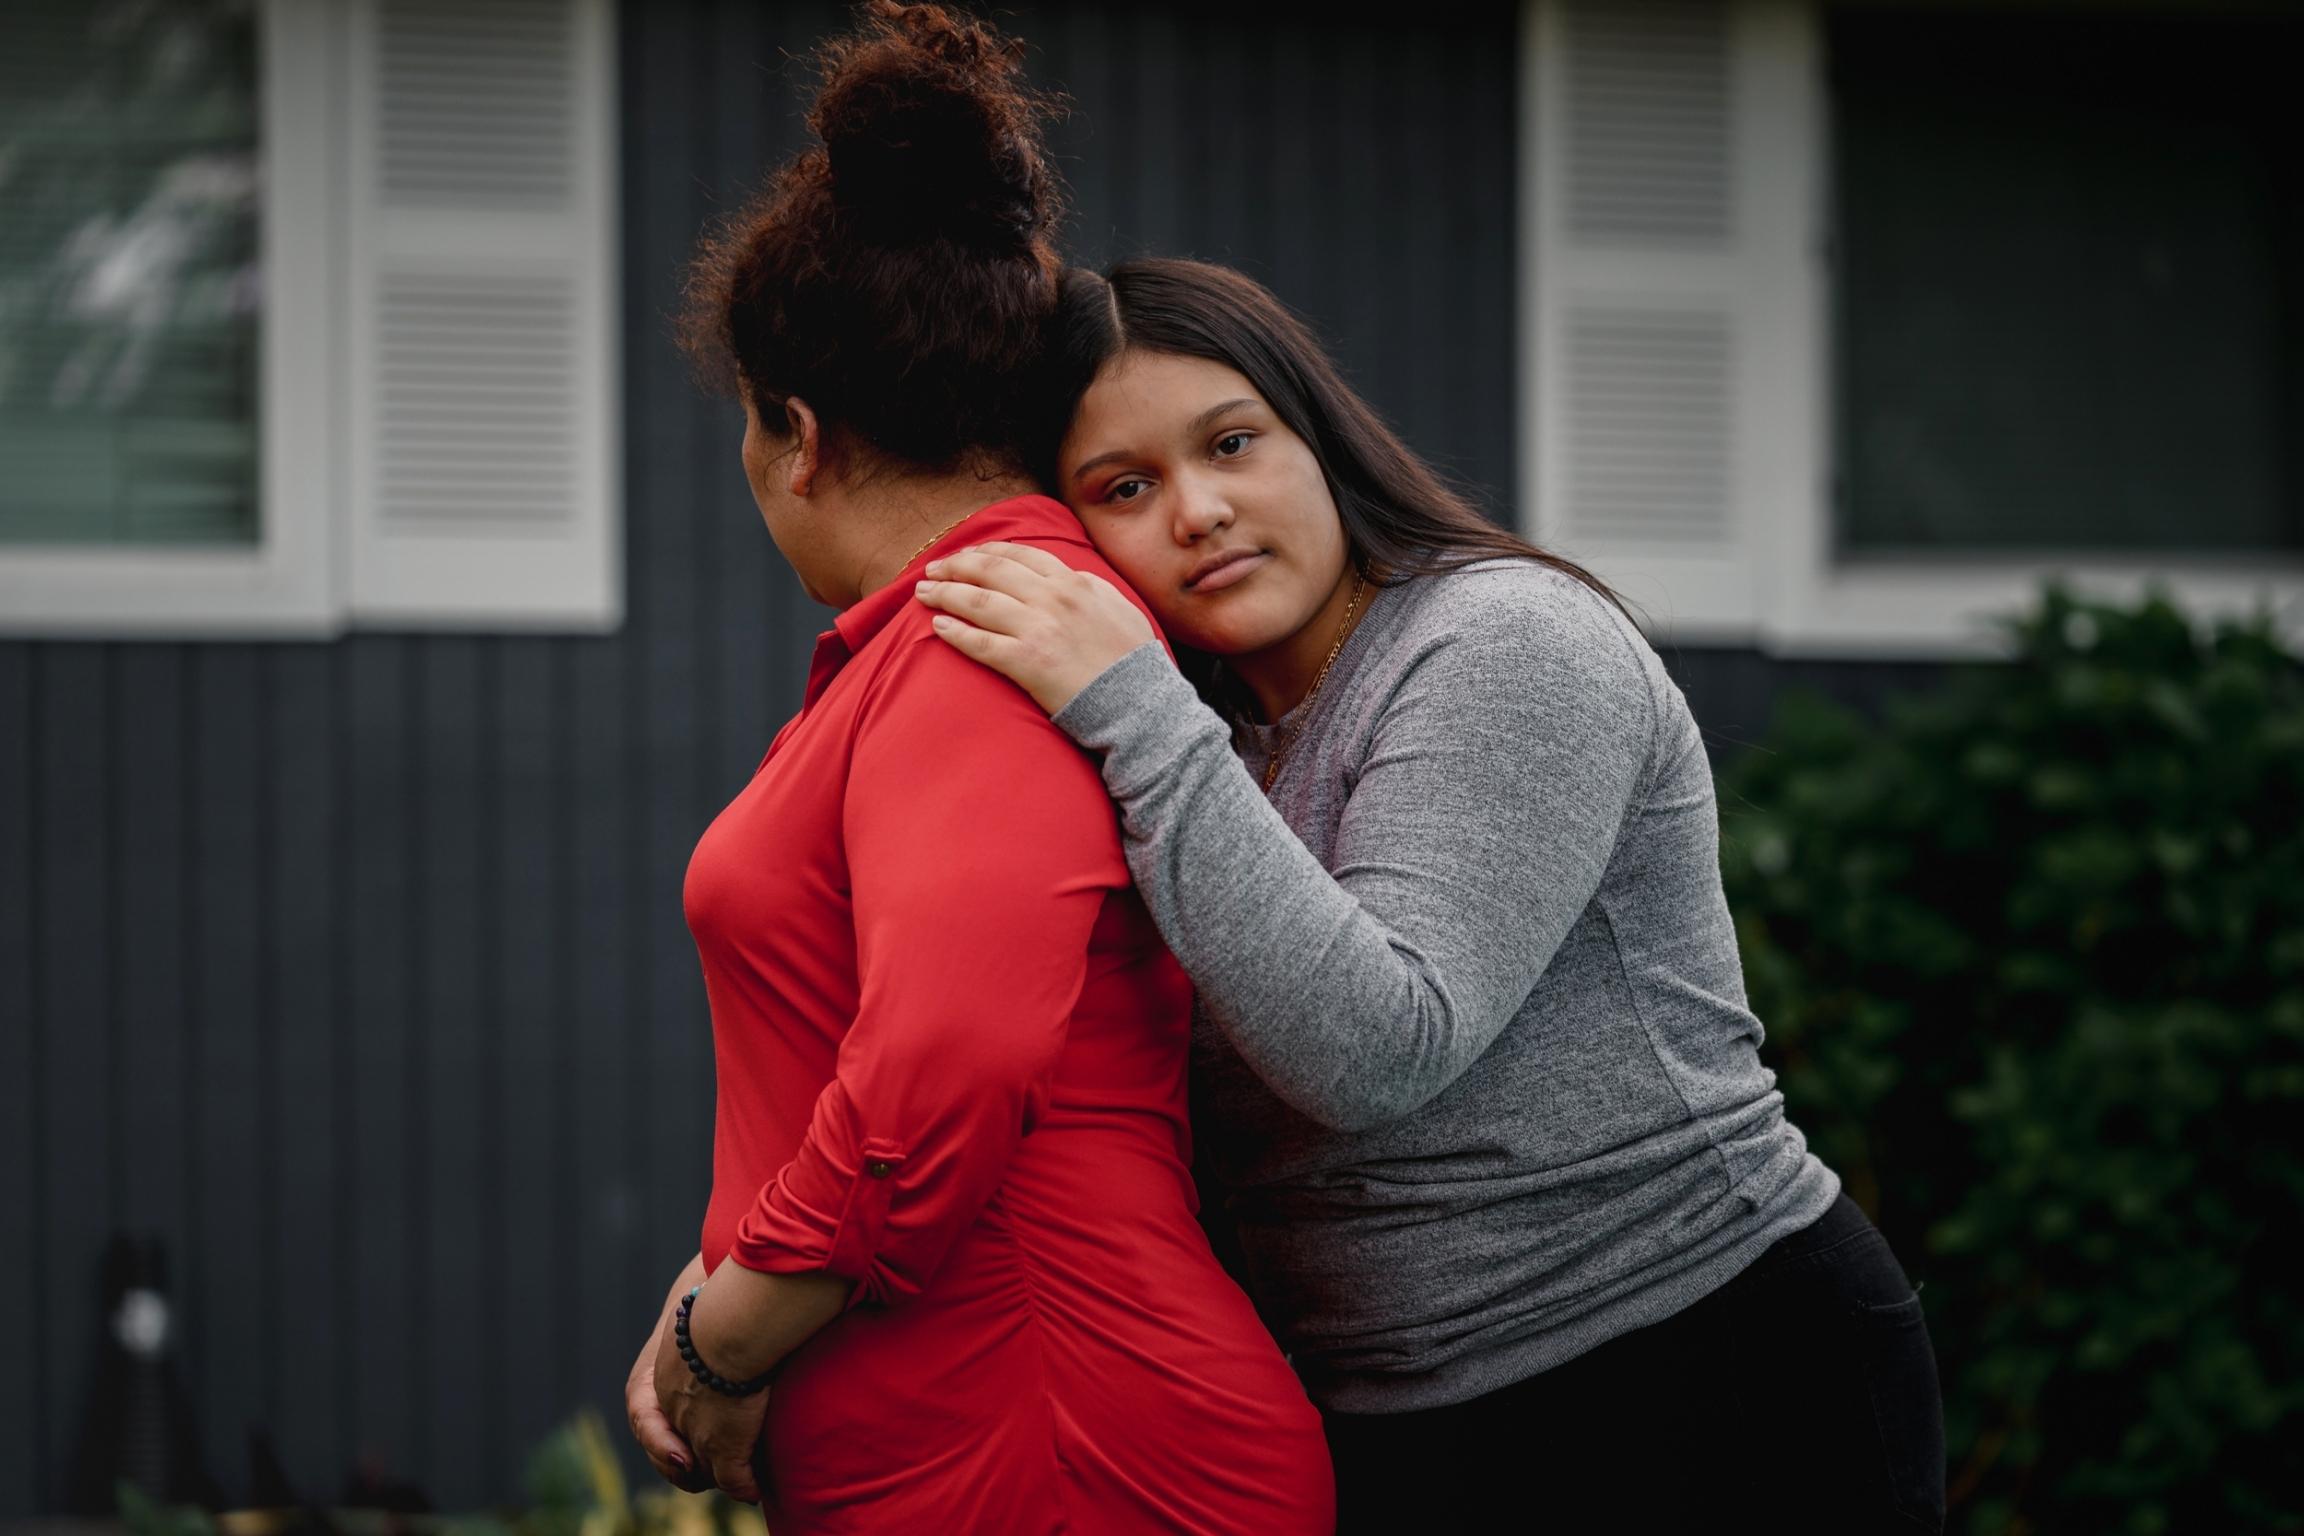 Una joven abraza a su mama mientras posa para una foto.